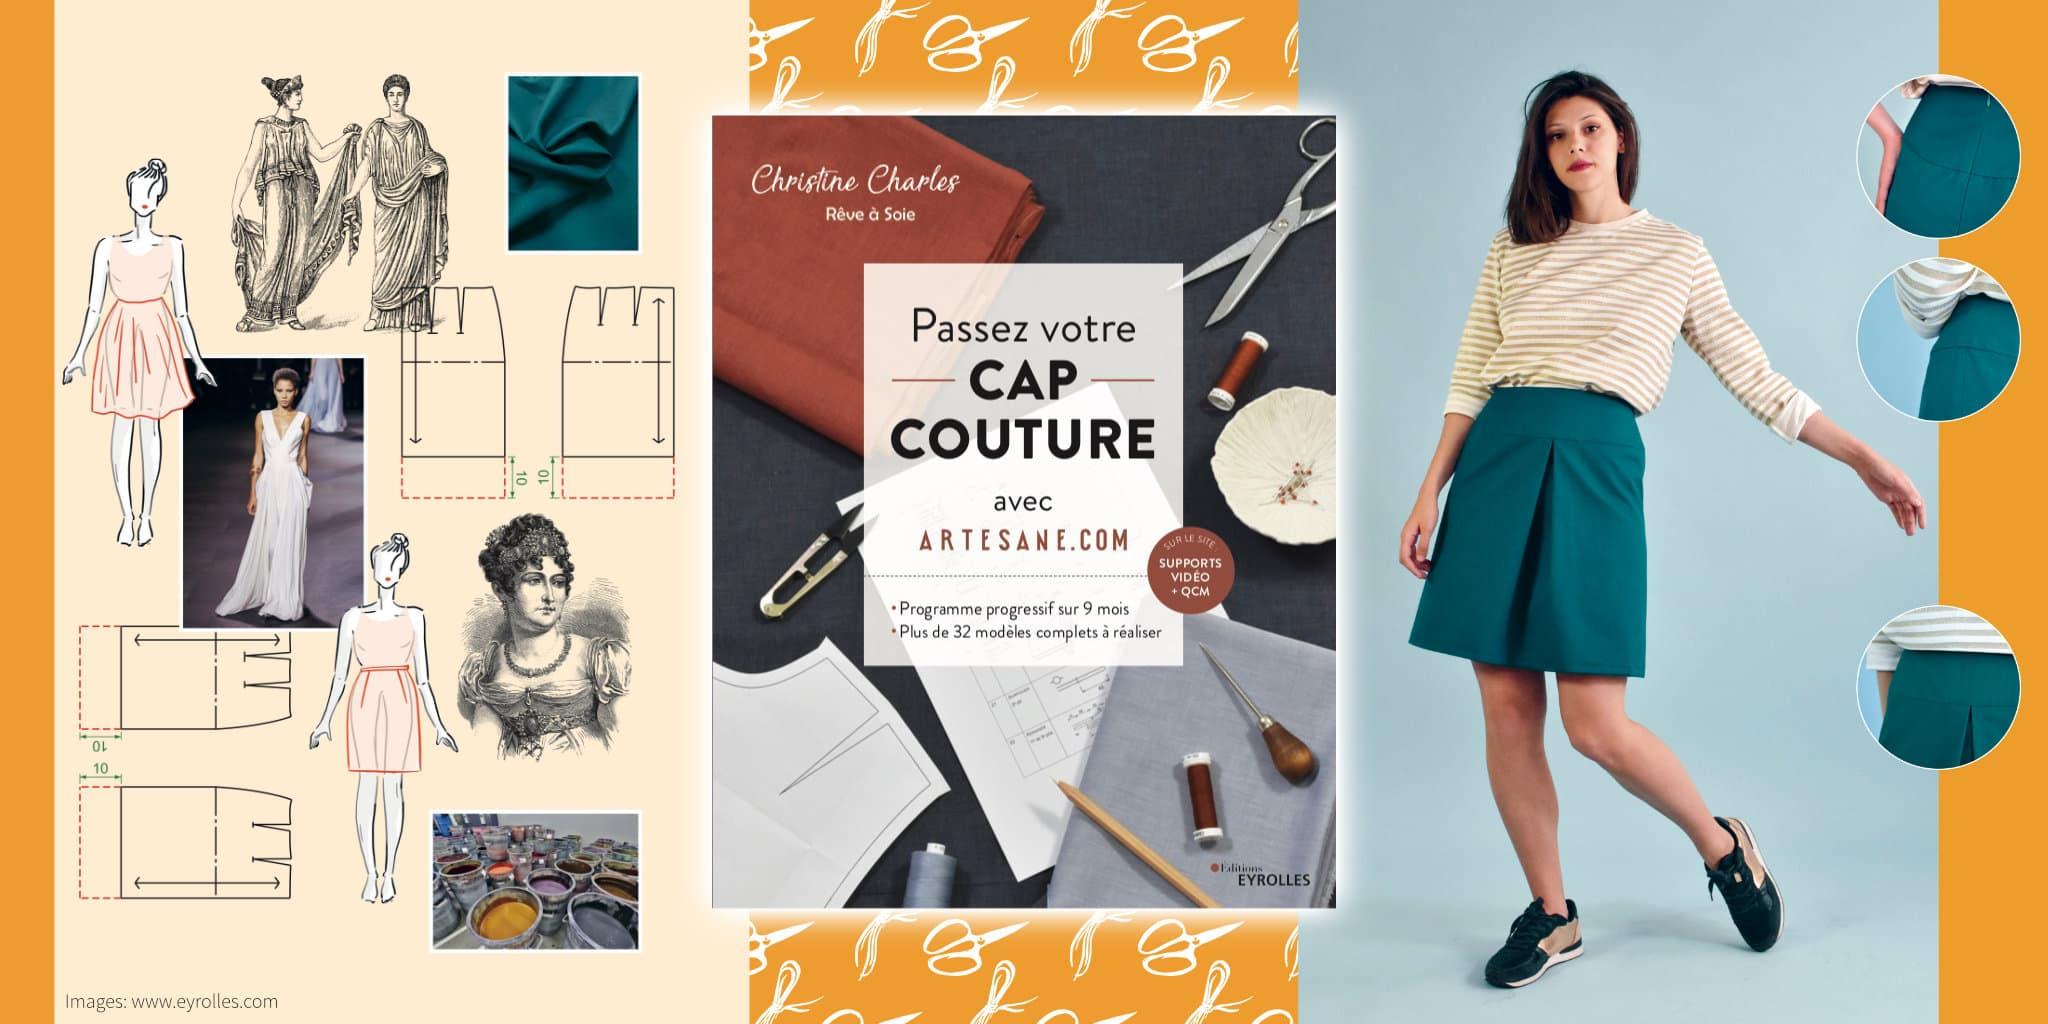 Christine Charles - Passez votre CAP couture avec Artesane.com @ Coup de coudre